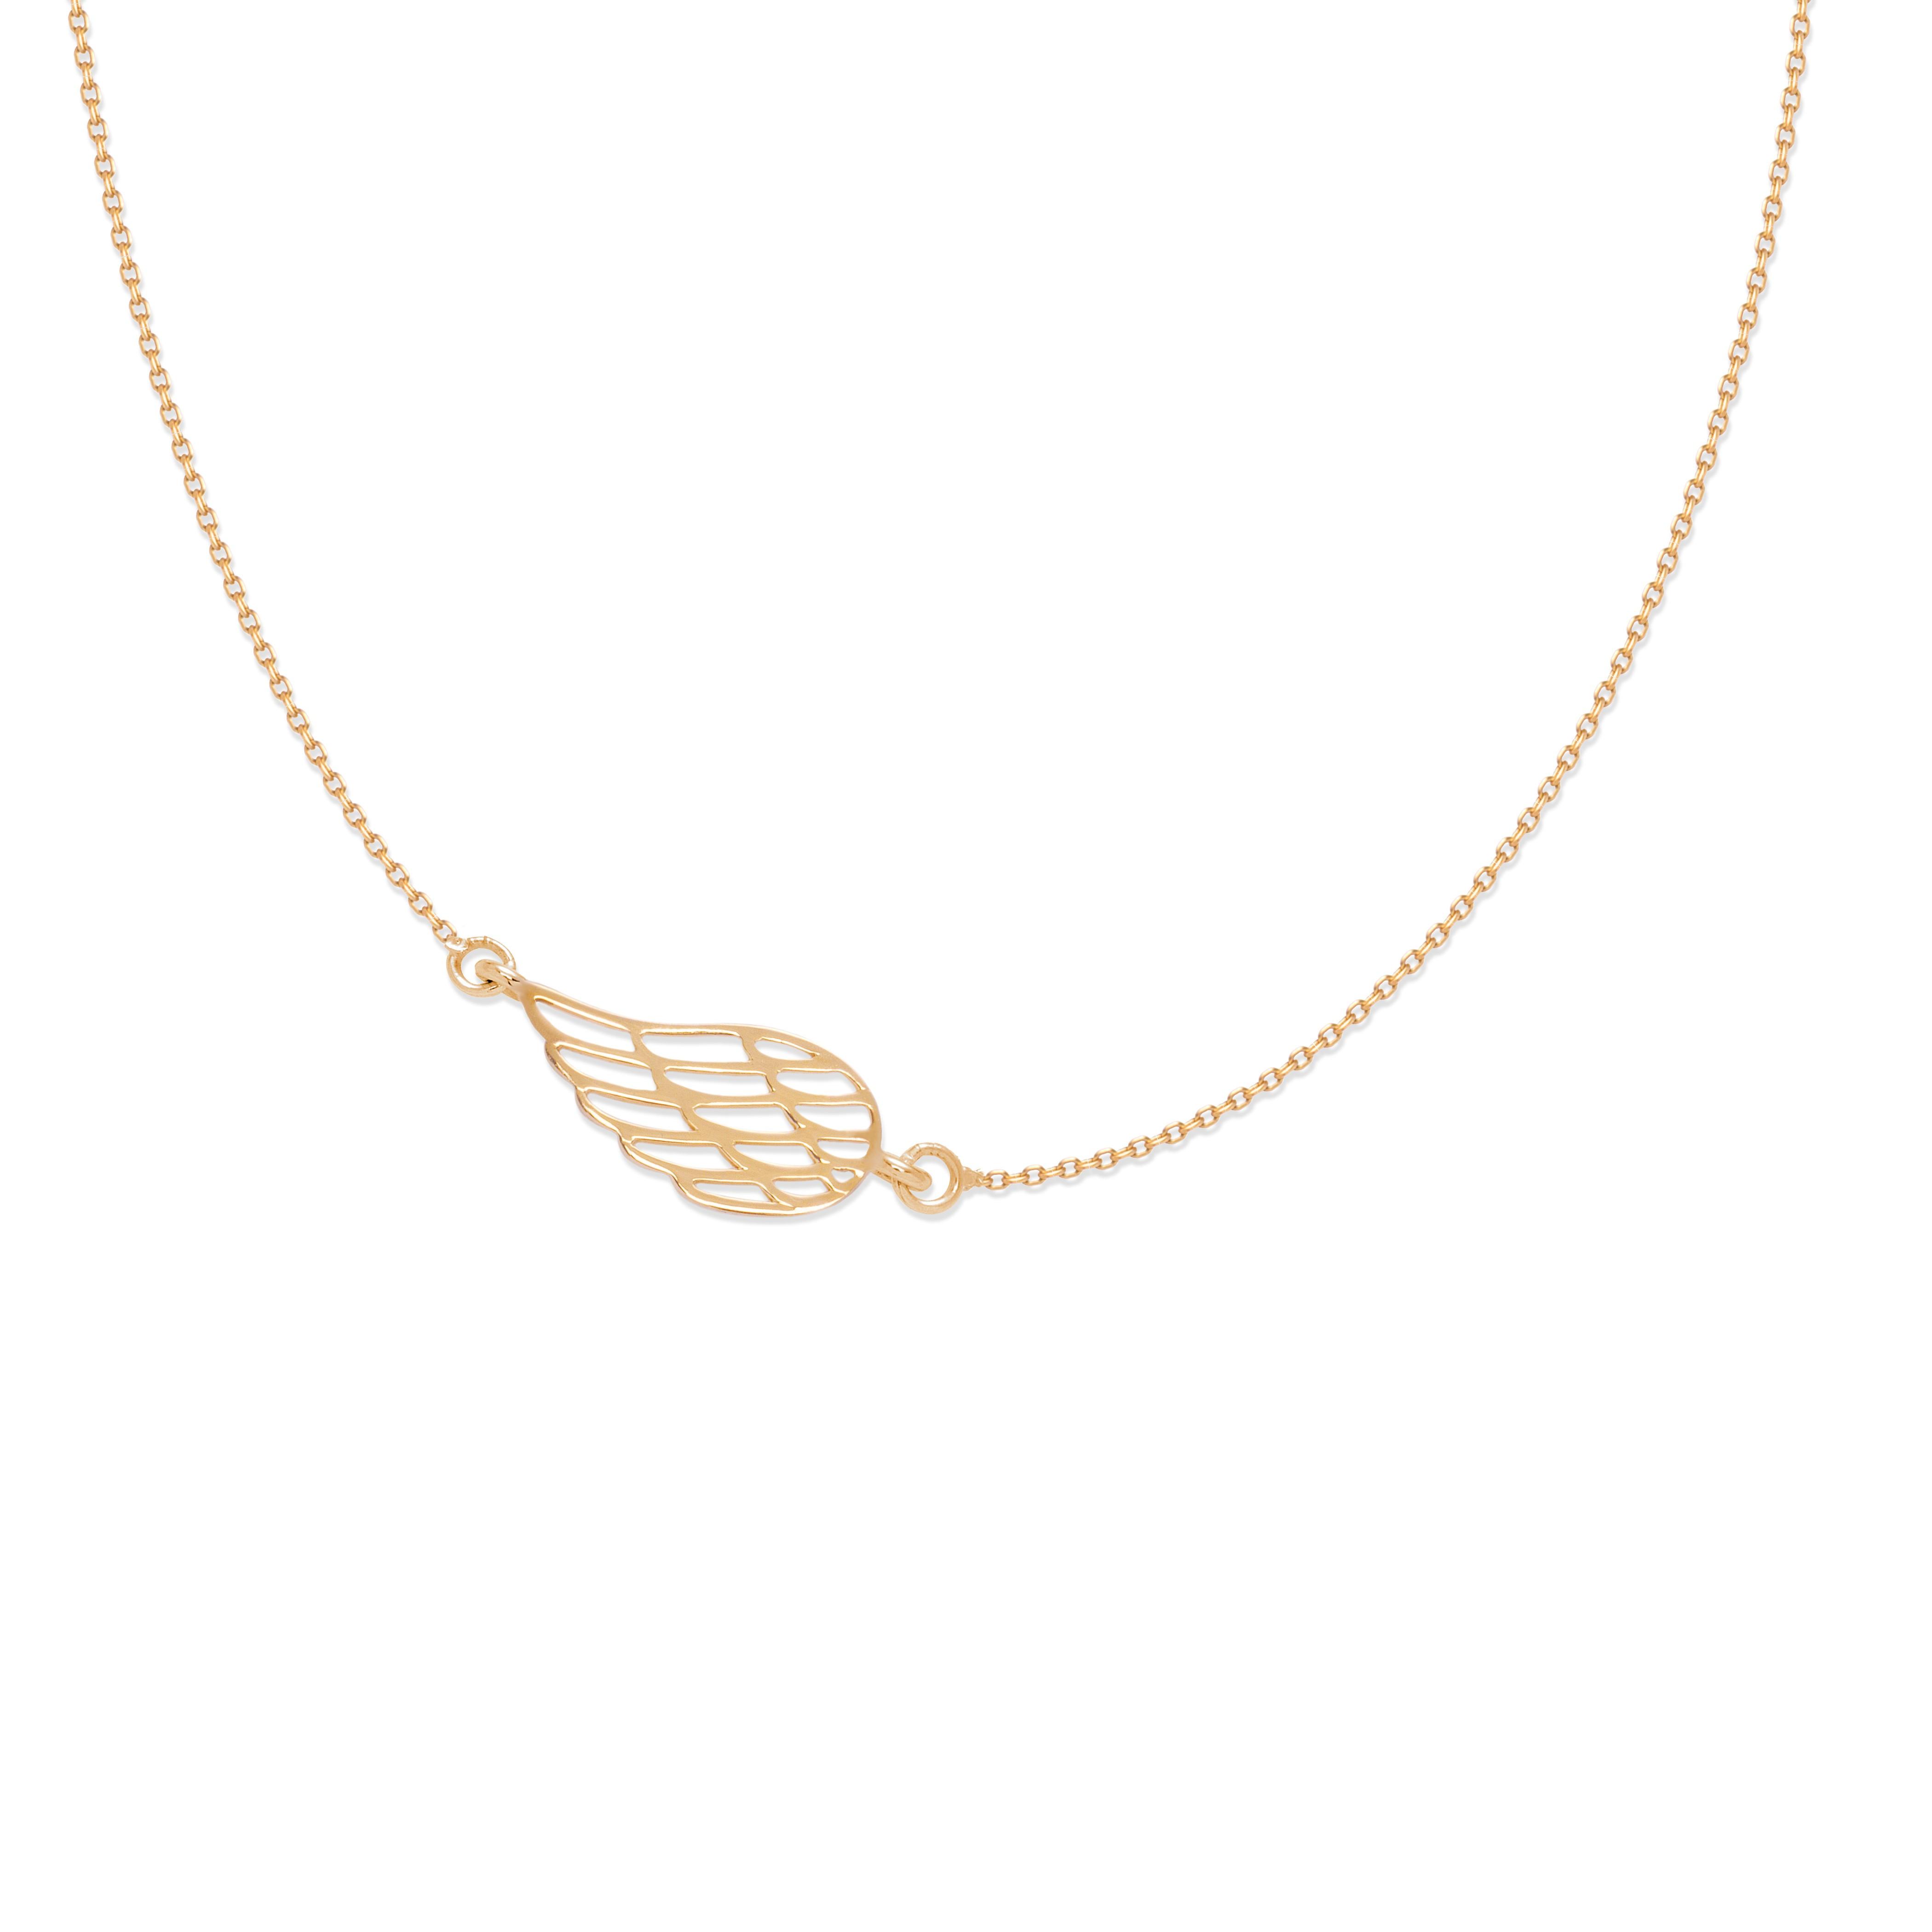 Collier chaîne avec aile ajourée plaquée or